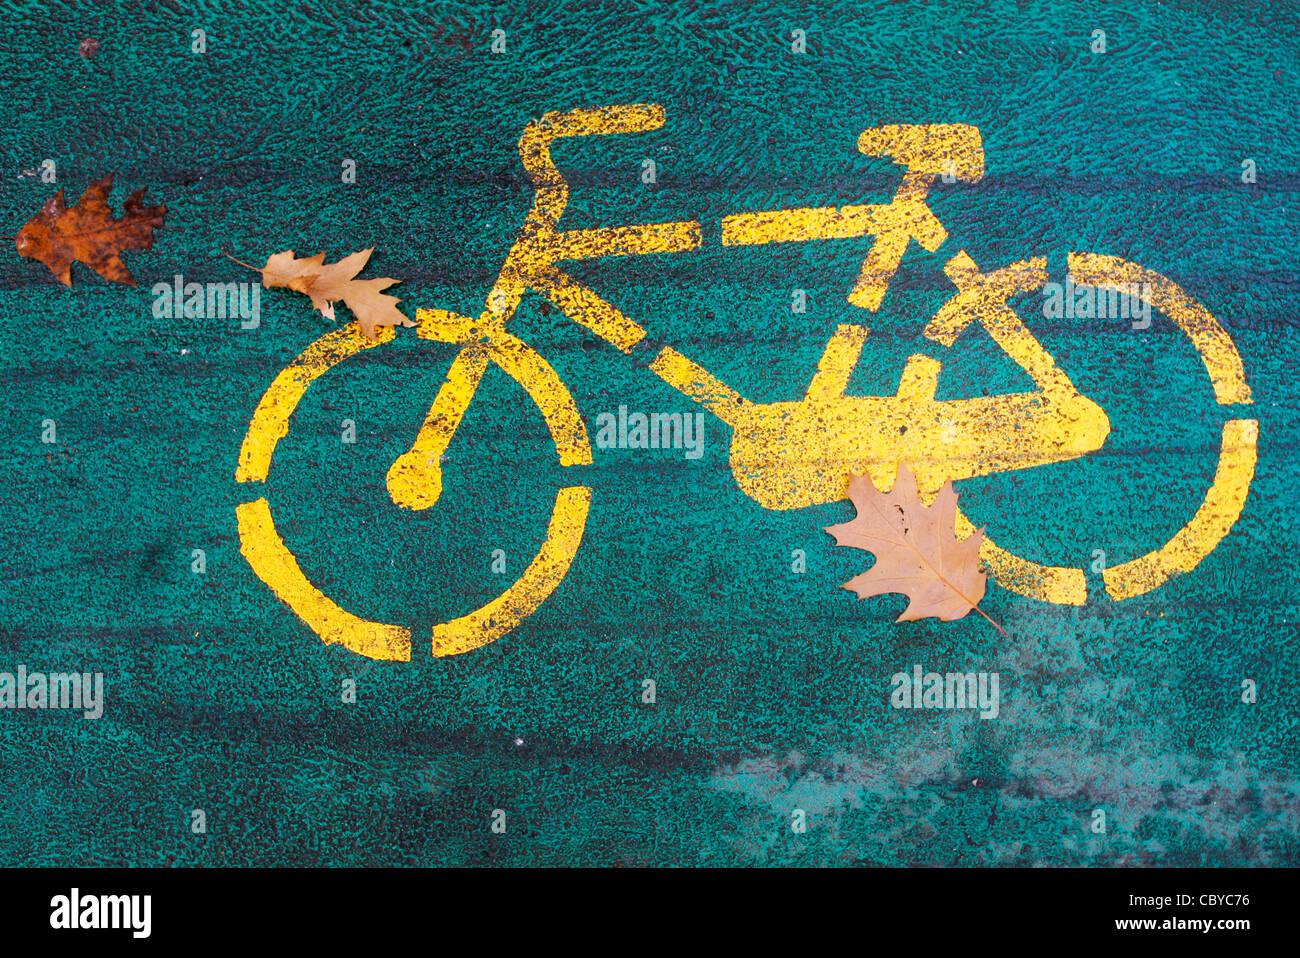 Detalle de un carril bici en un parque con hojas de otoño Imagen De Stock